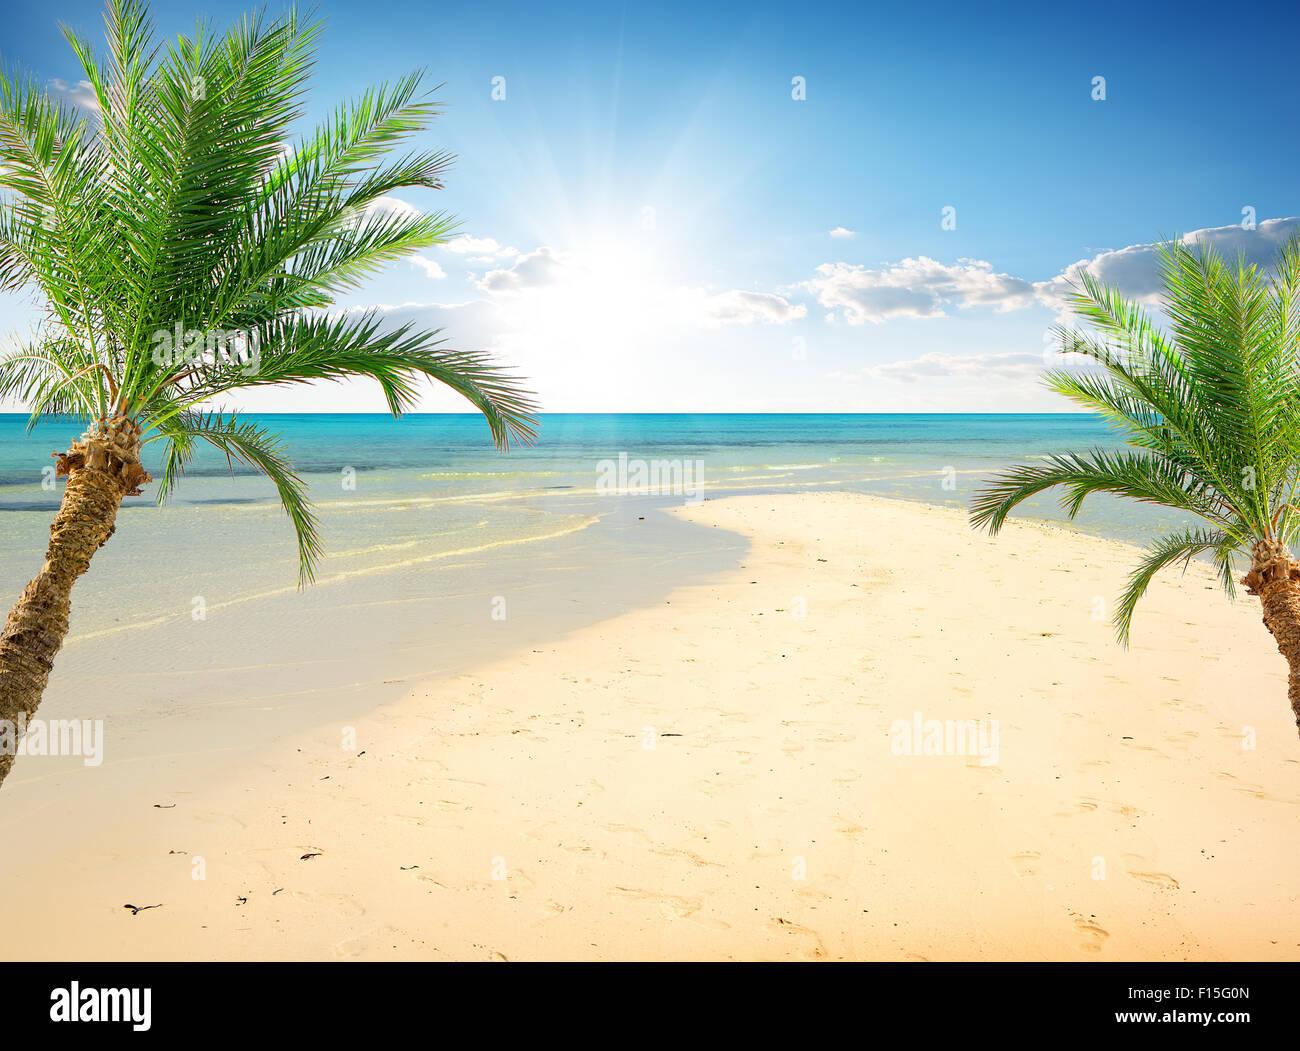 Palmen am Strand in der Nähe von Meer im sonnigen Tag Stockbild